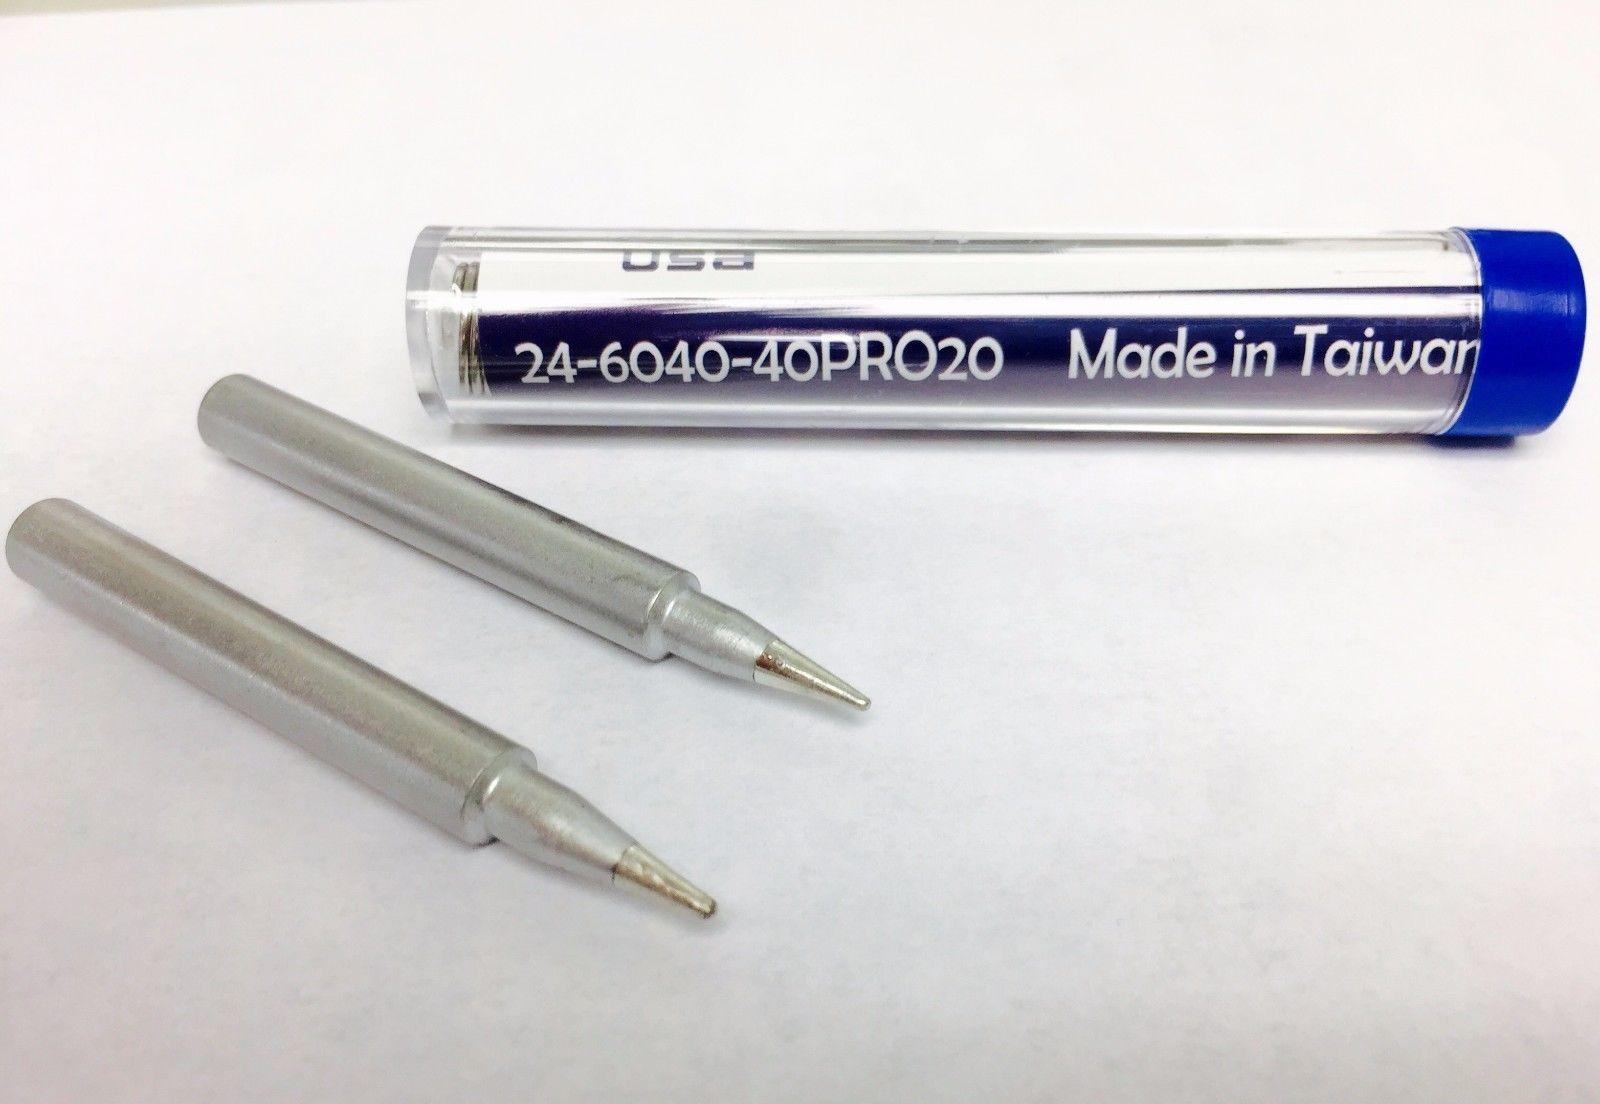 Tmc Ceramic Soldering Iron Smtsolder 12 And 50 Similar Items Smt Watt 0865612c Free Solder 2 Spare Tips